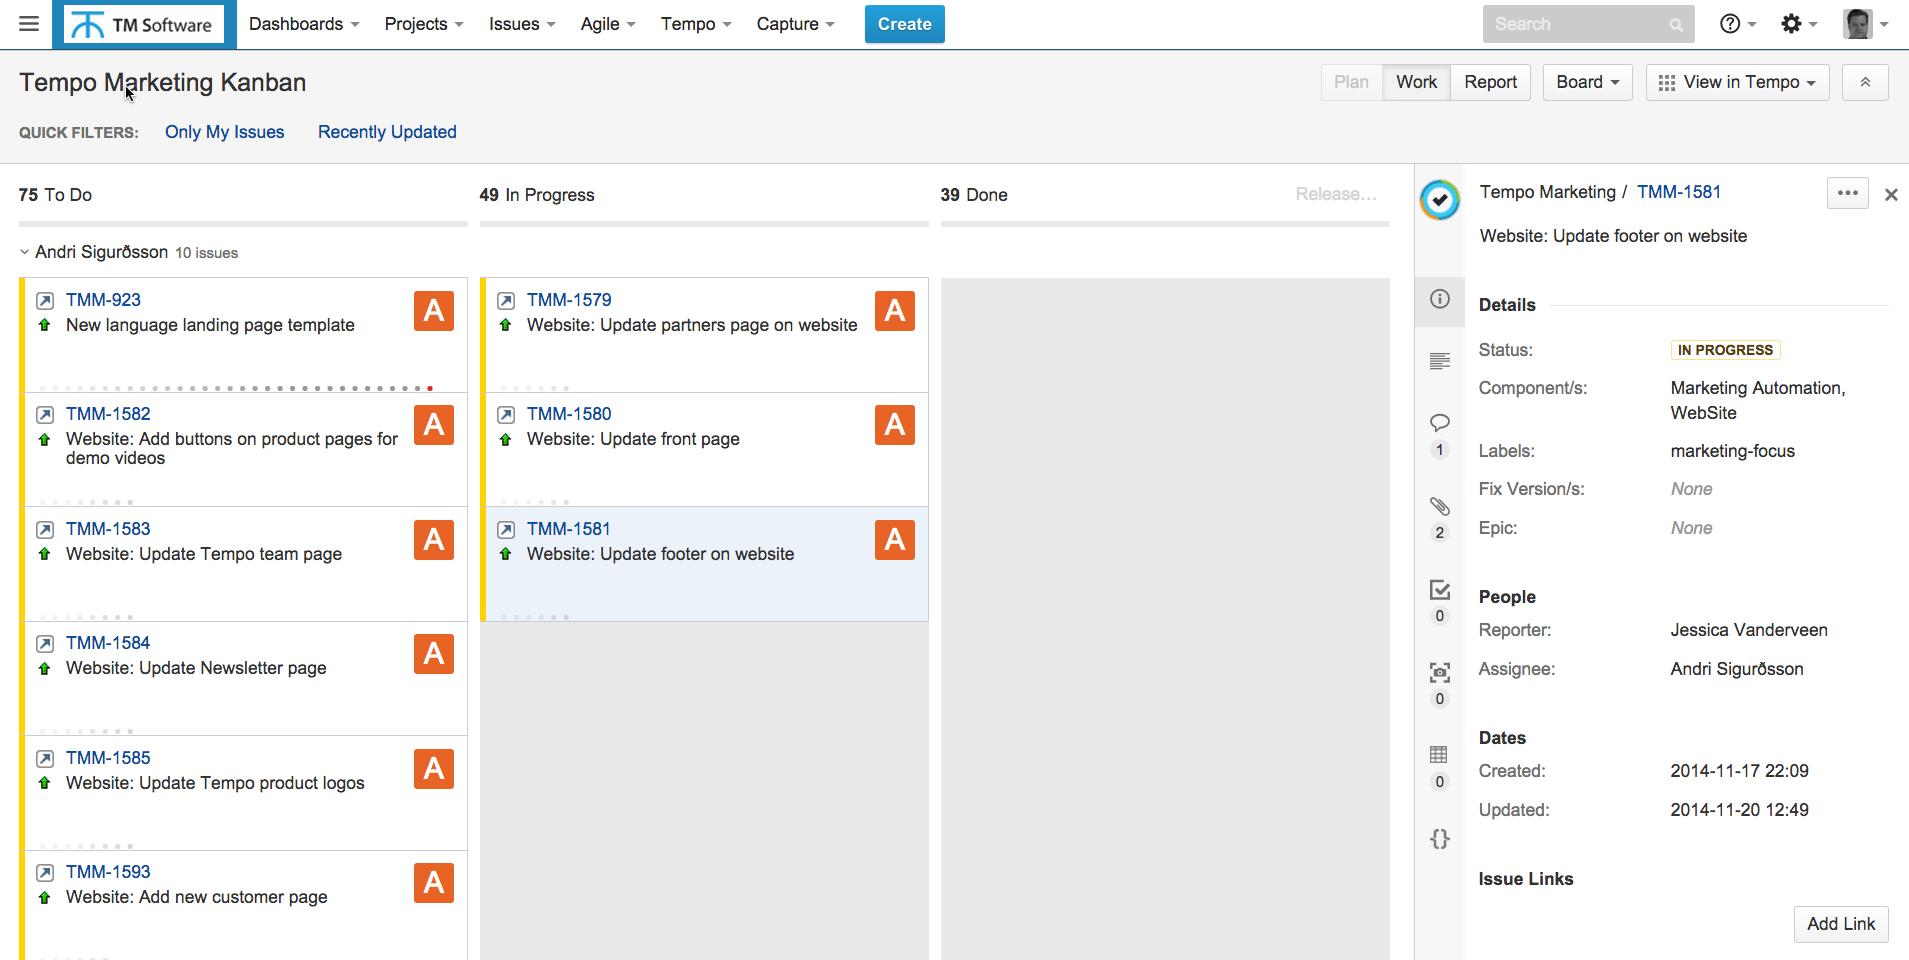 screenshot of Tempo marketing kanban